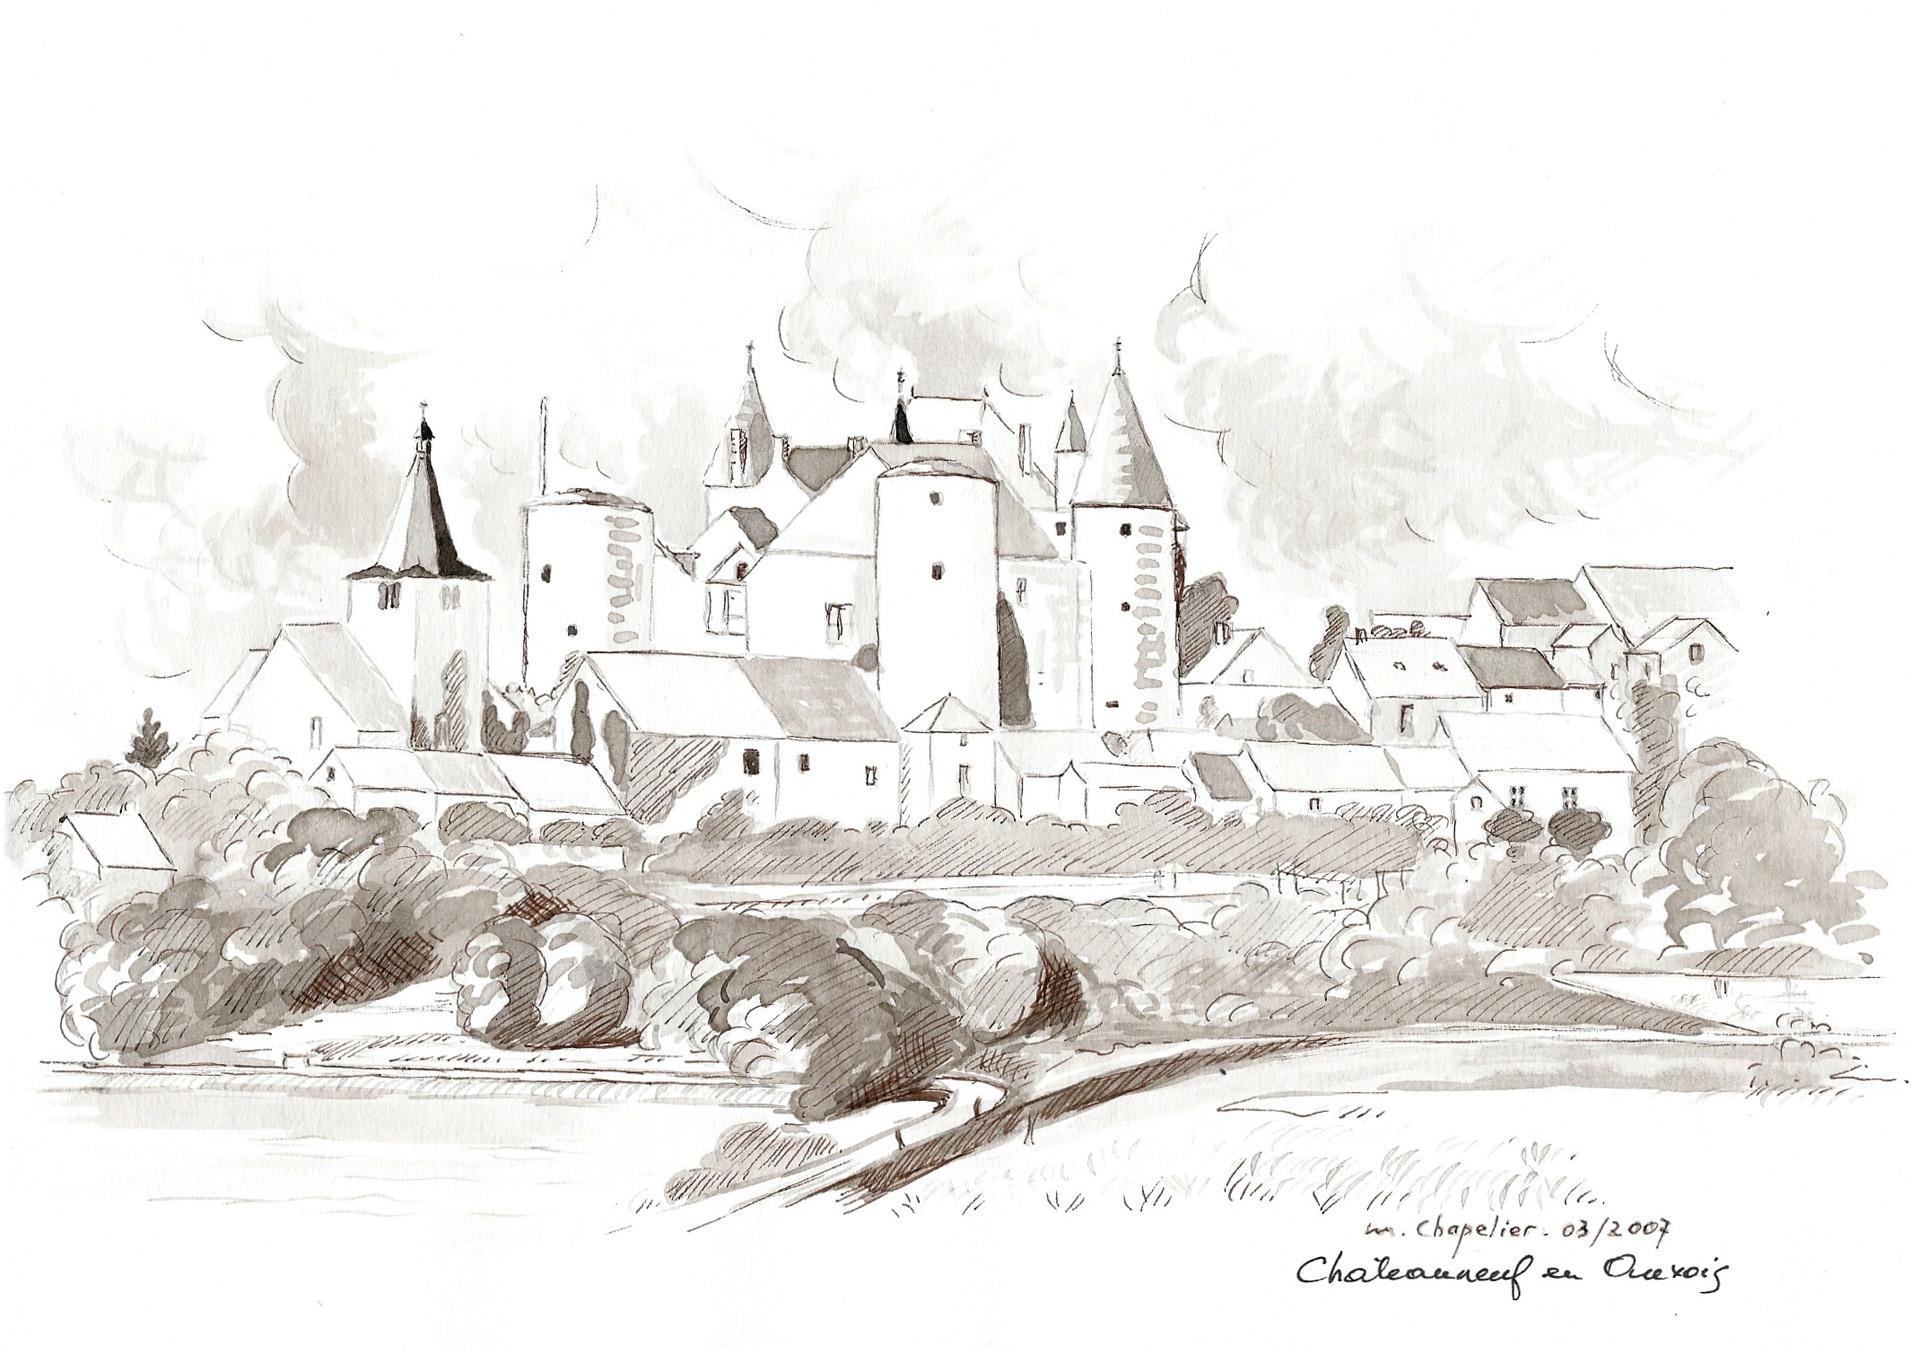 A06 Chateauneuf en Auxois